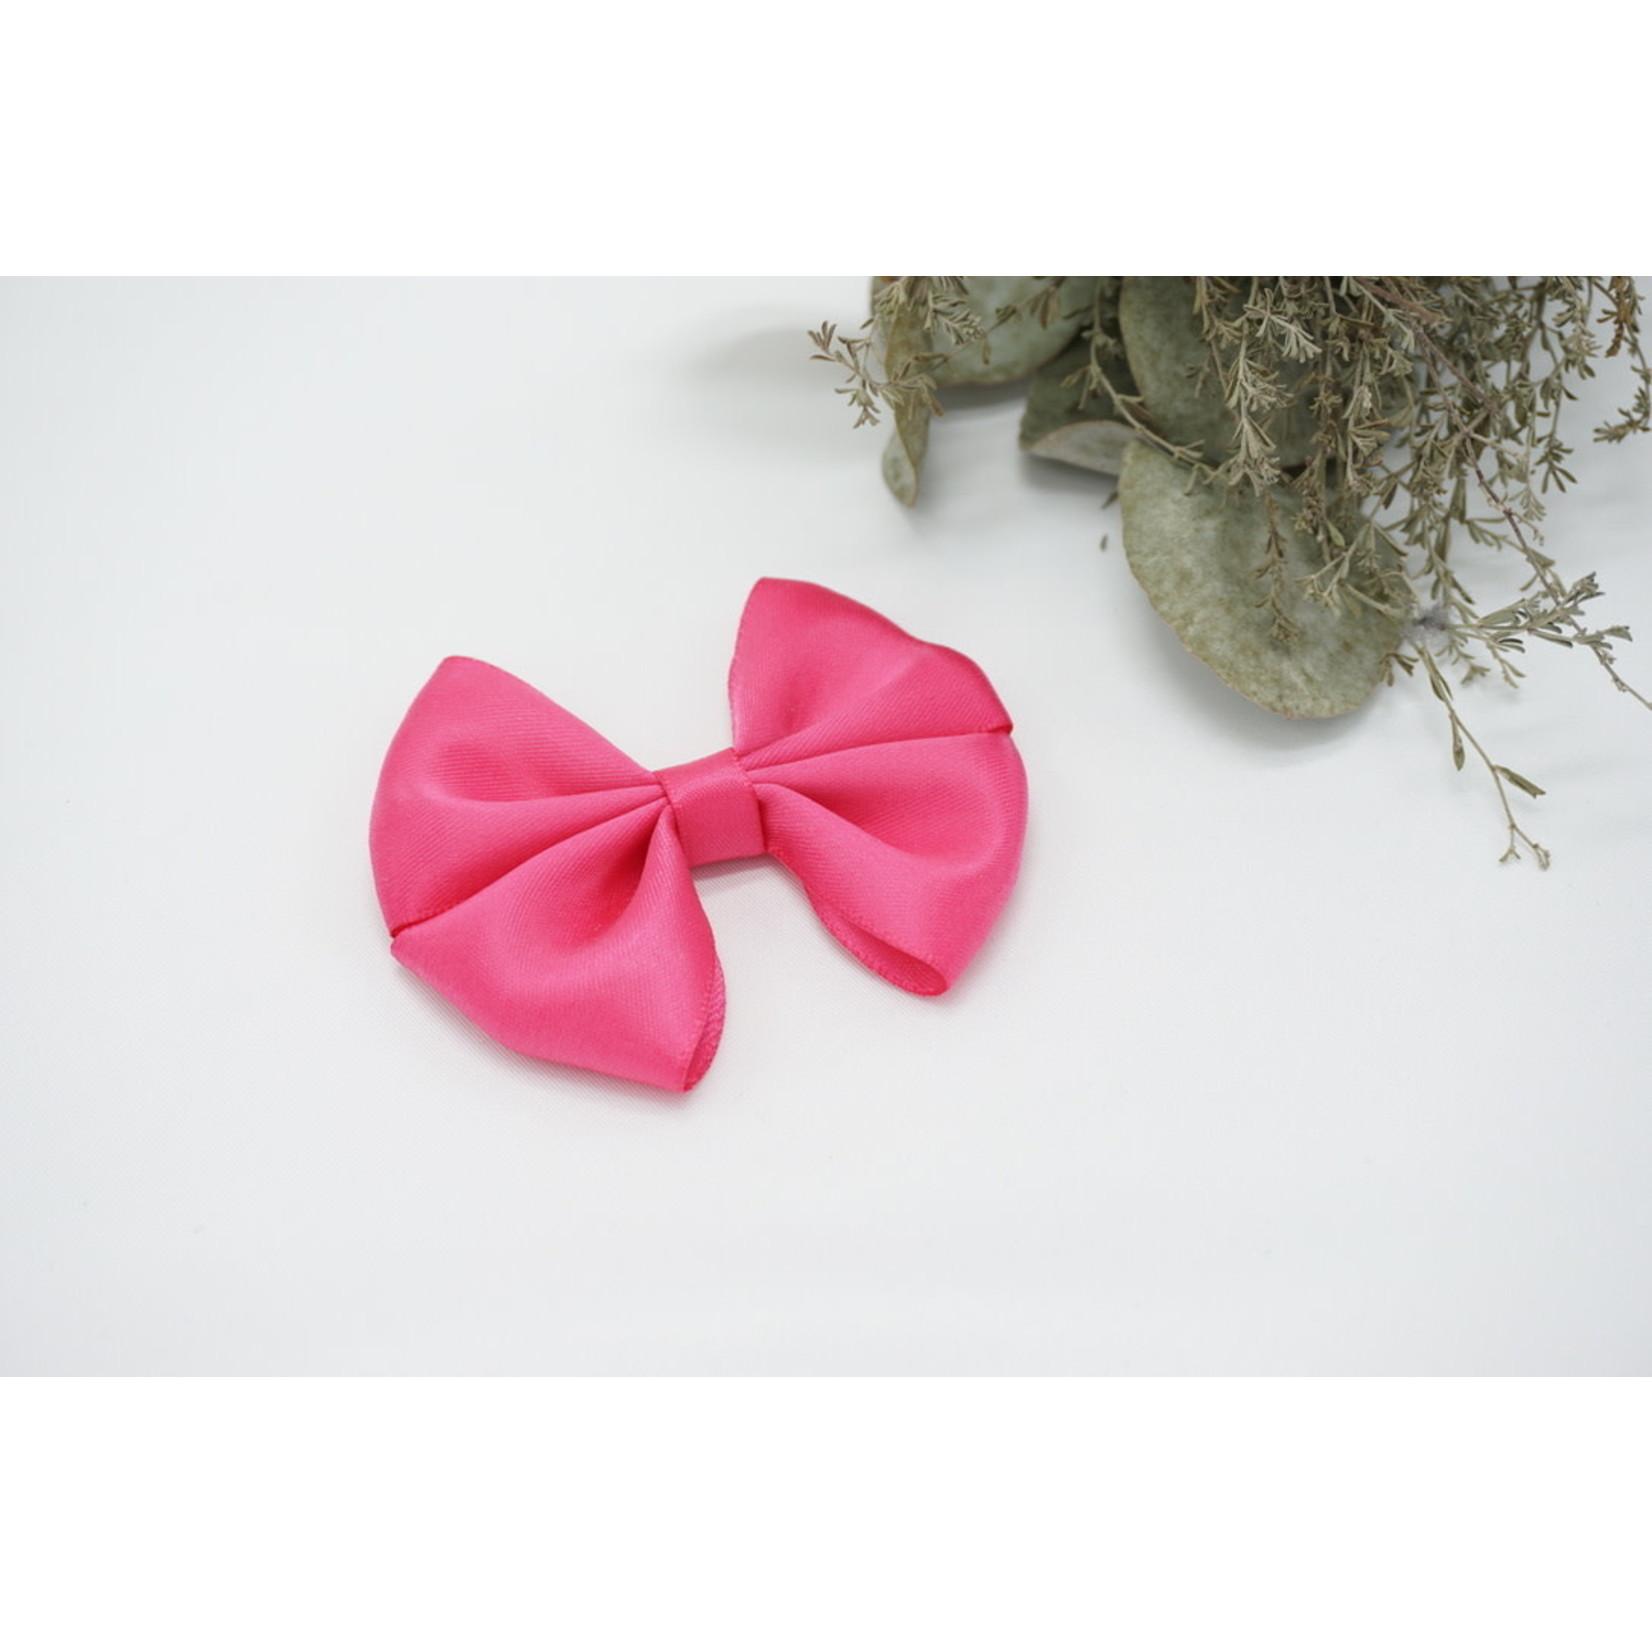 Petite Zara Satin Bow - Fuchsia